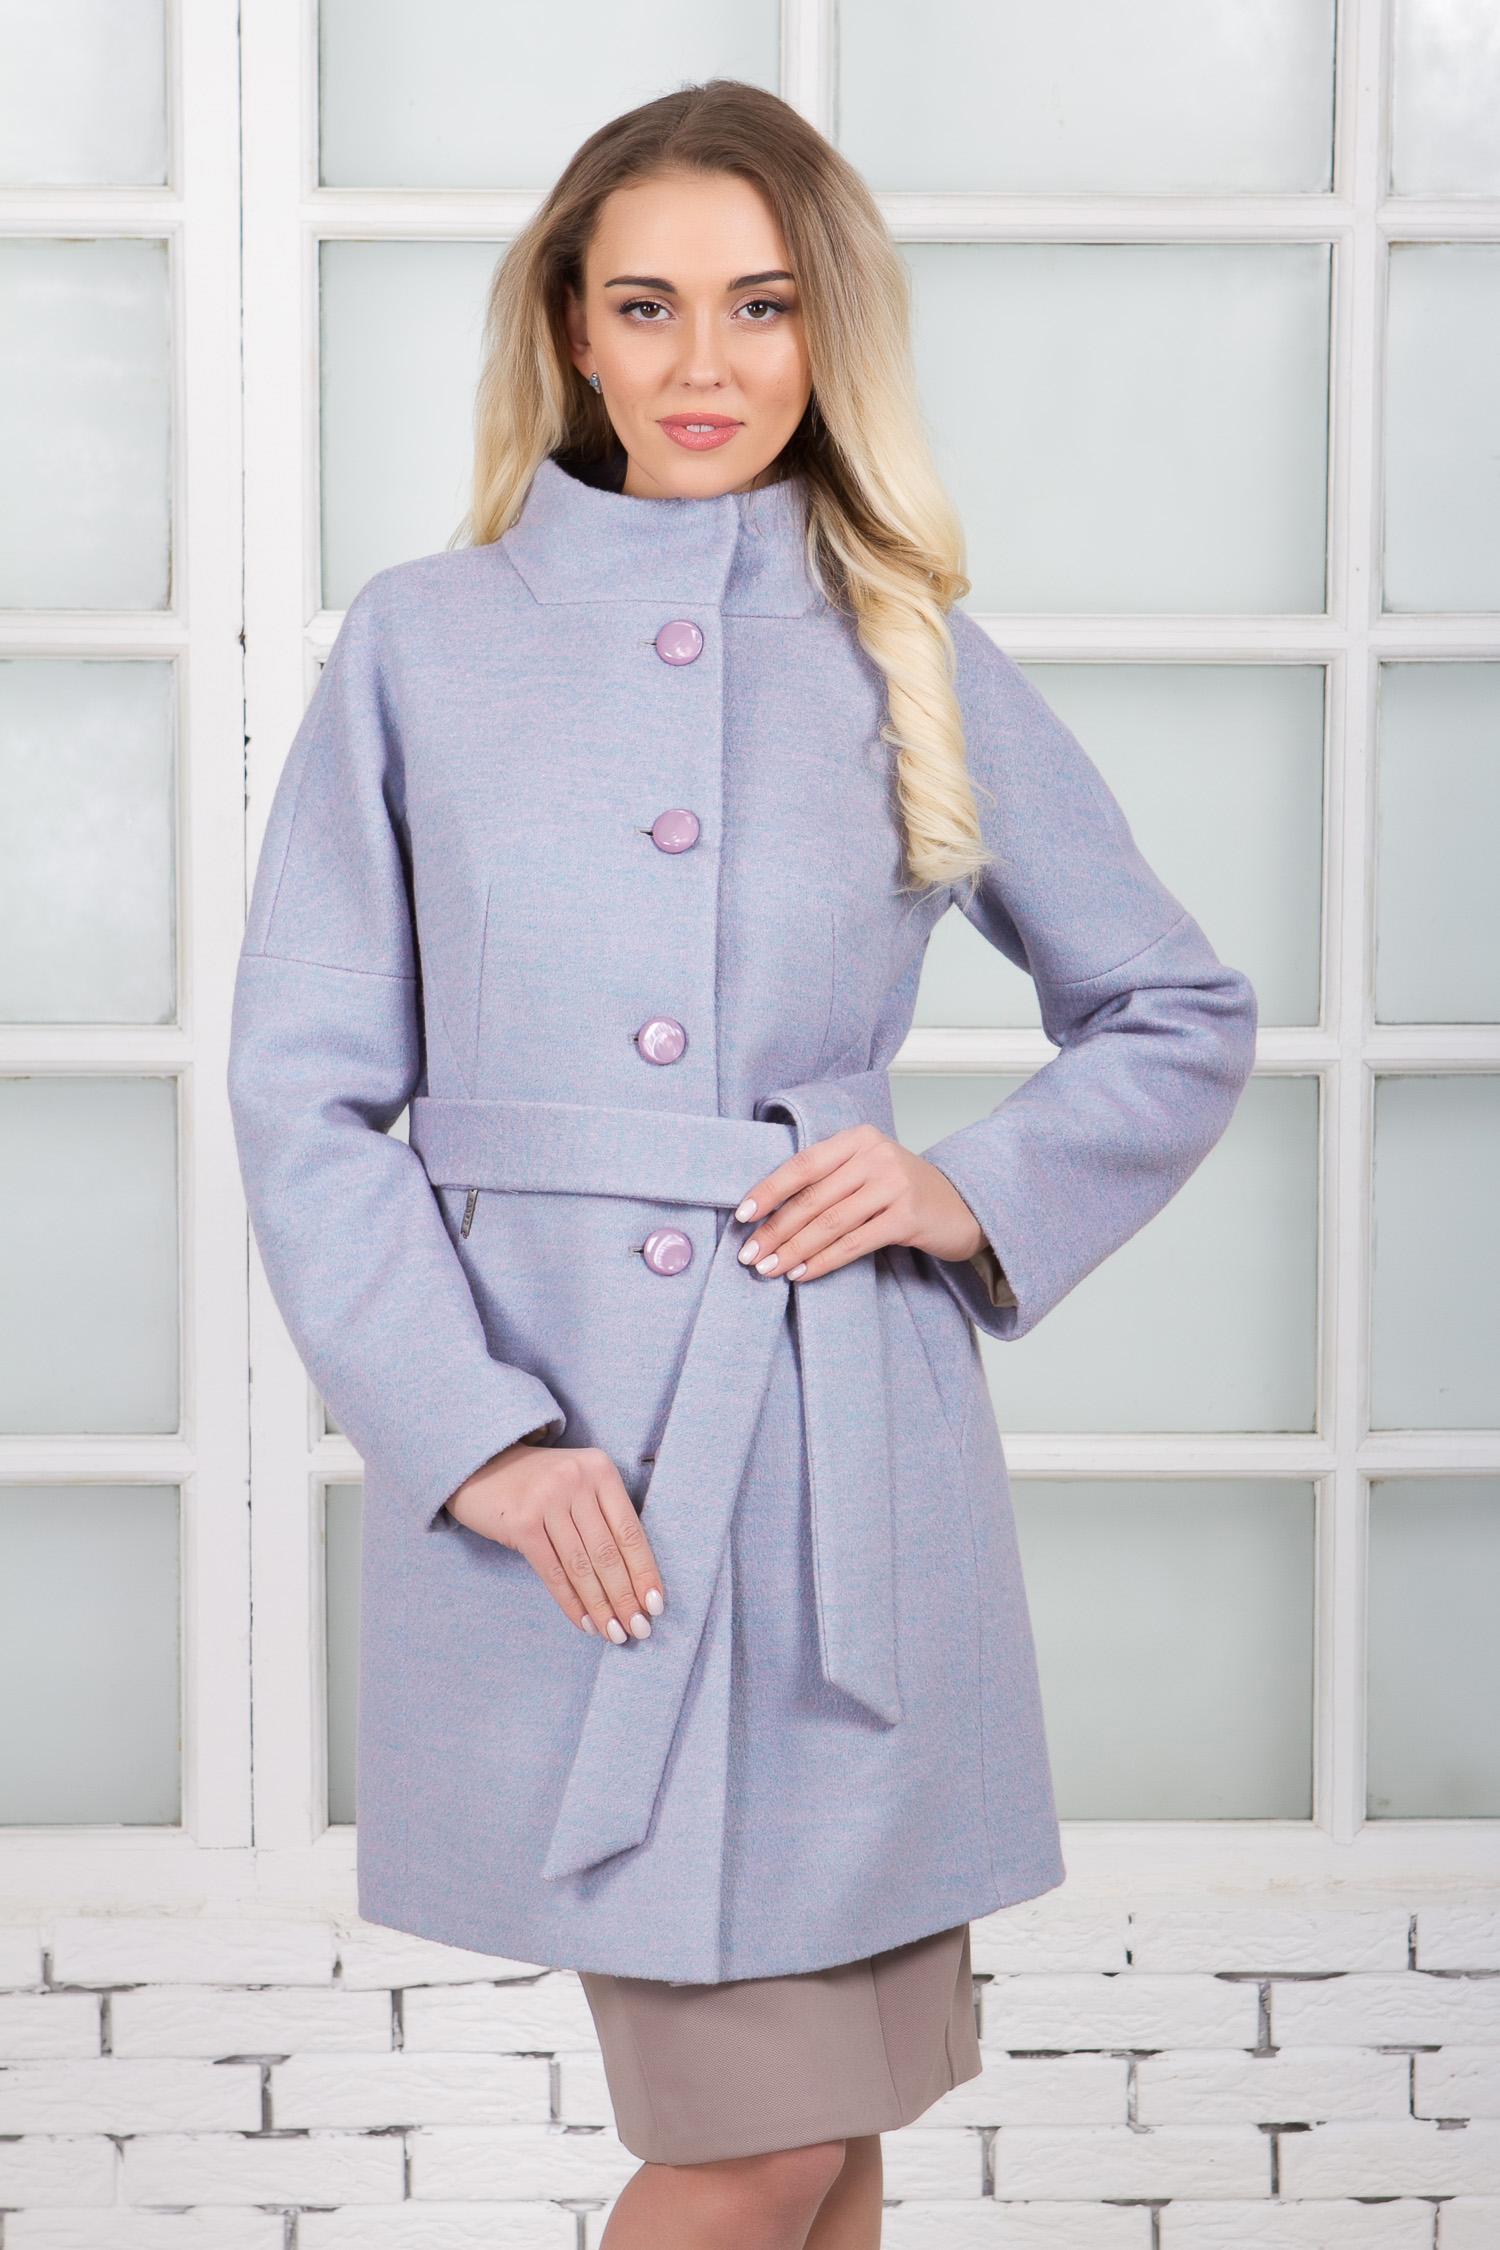 Женское полупальто из текстиля с воротником, без отделки Женское полупальто из текстиля с воротником, без отделки